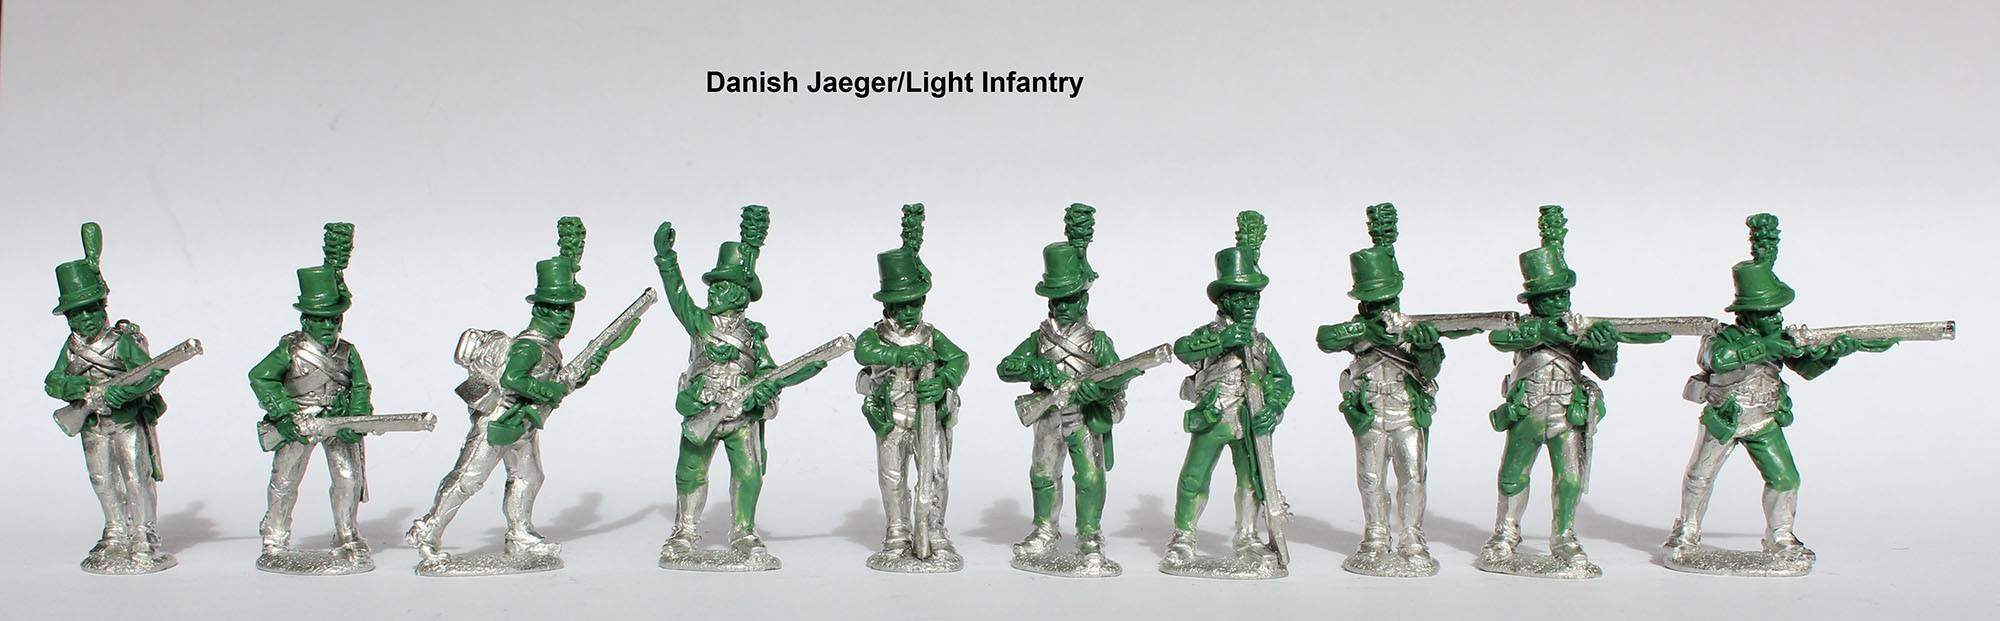 Анонс - Датские егеря и легкая пехота1808-1809гг - Perry Miniatures